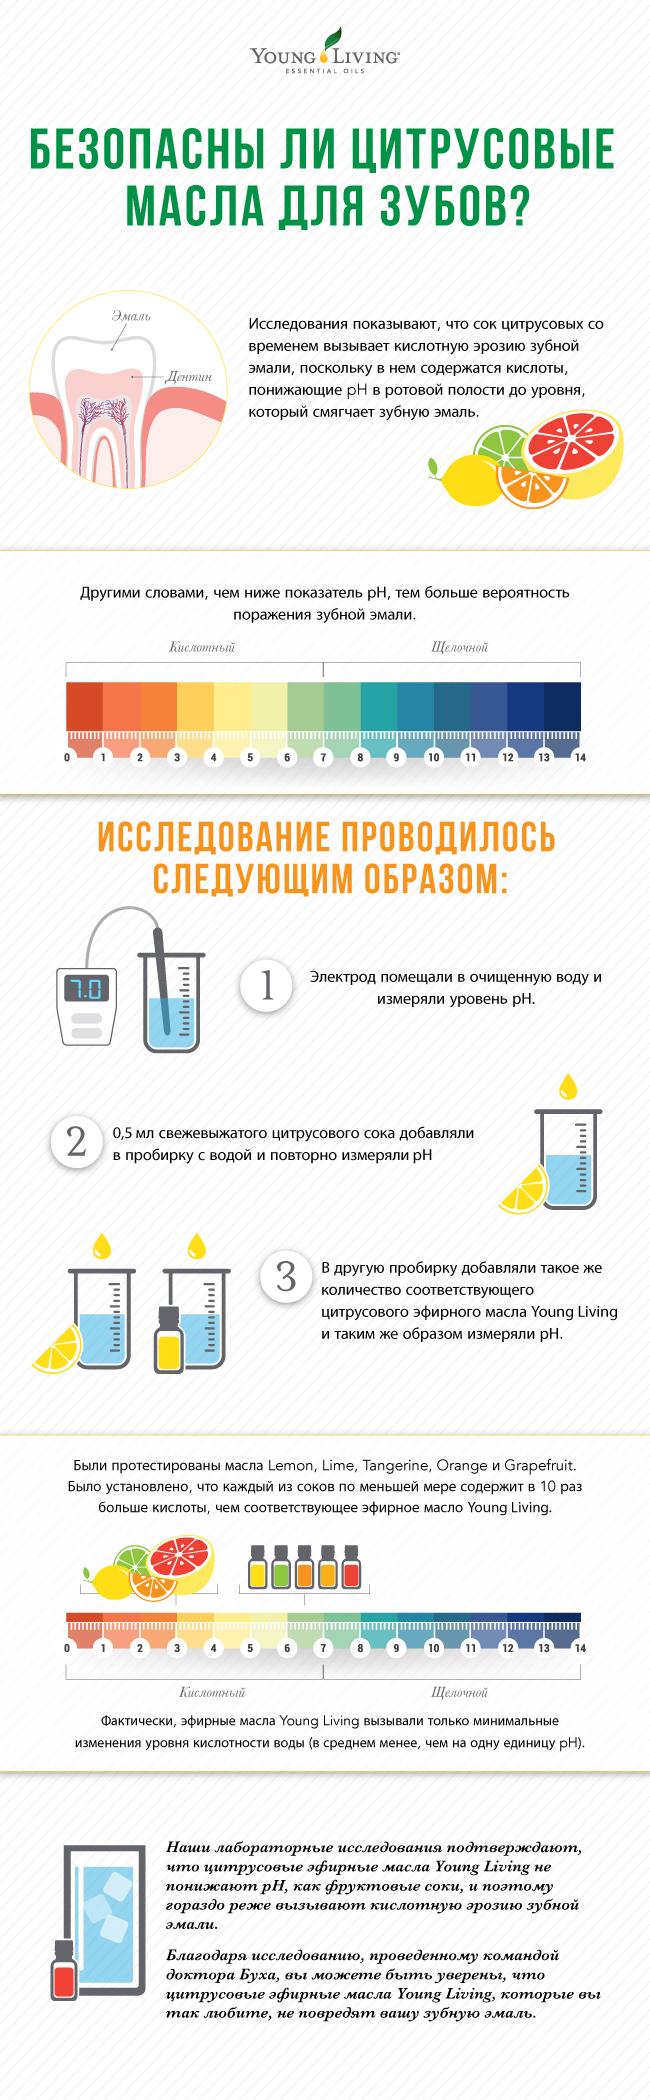 Инфографика с изображением шкалы pH и разрушением зубной эмали кислотой, содержащейся в цитрусовых маслах